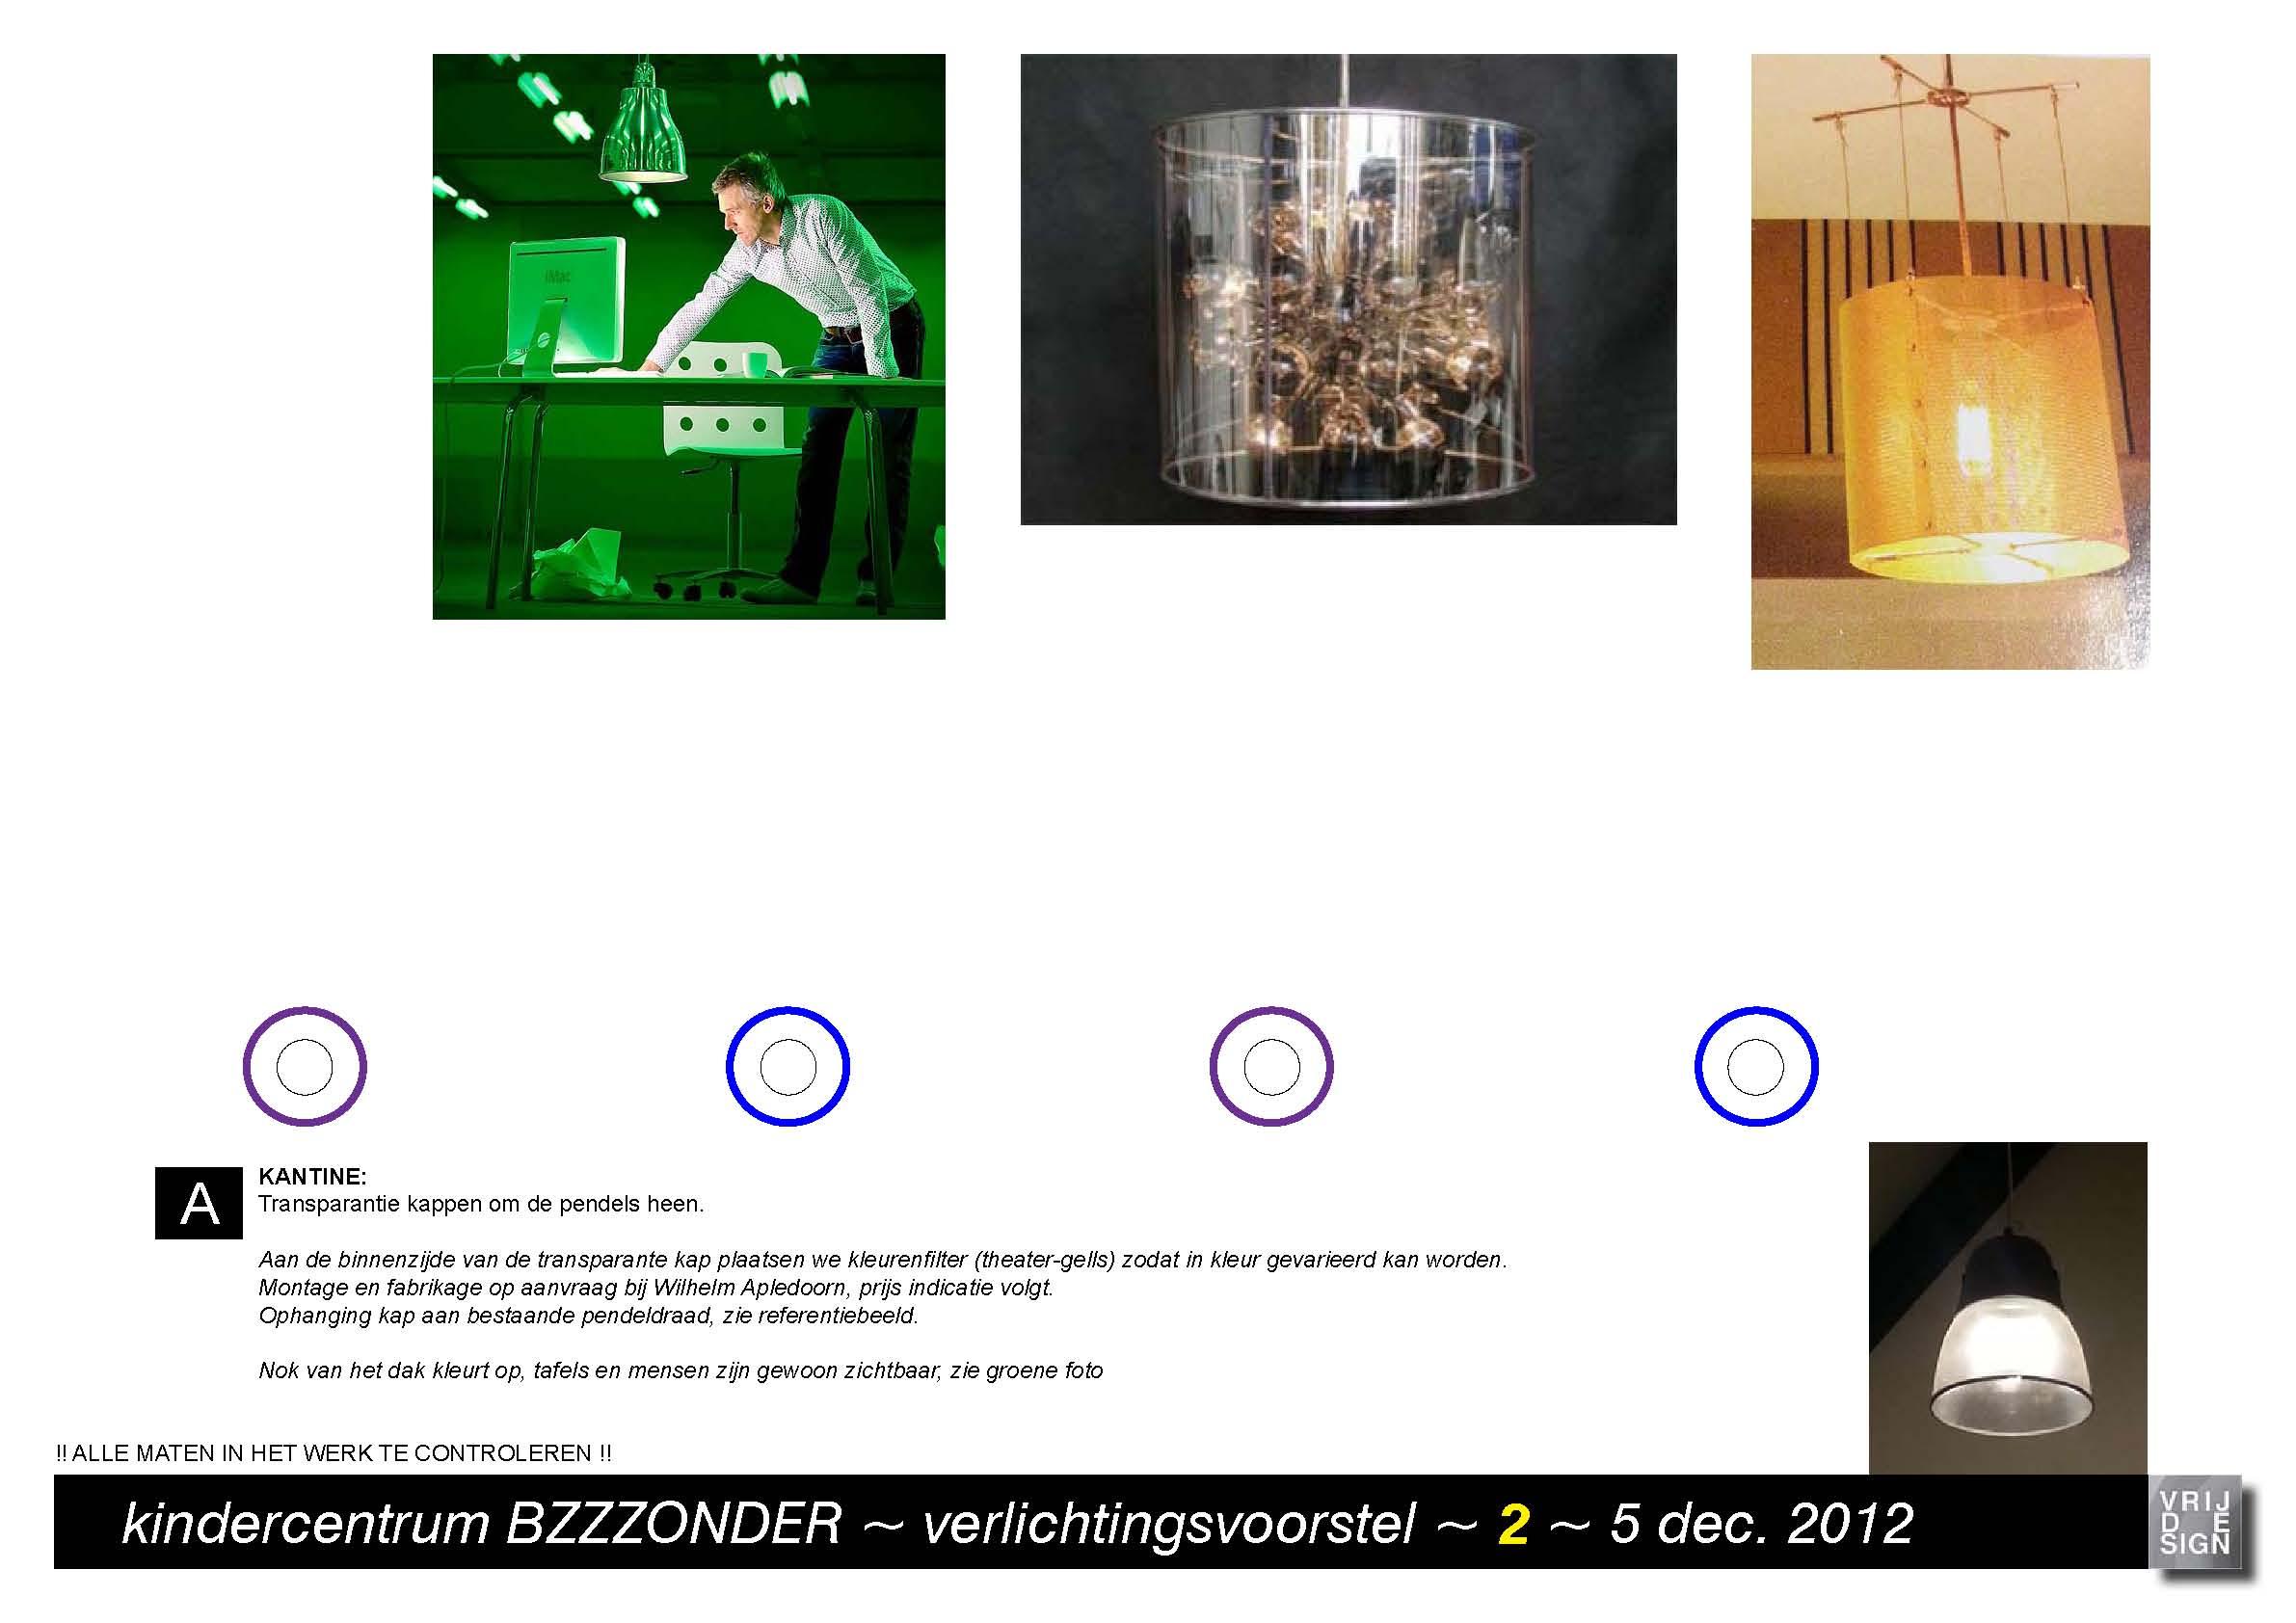 verlichtings ideeen - 5 dec 2012 (1)_Page_3